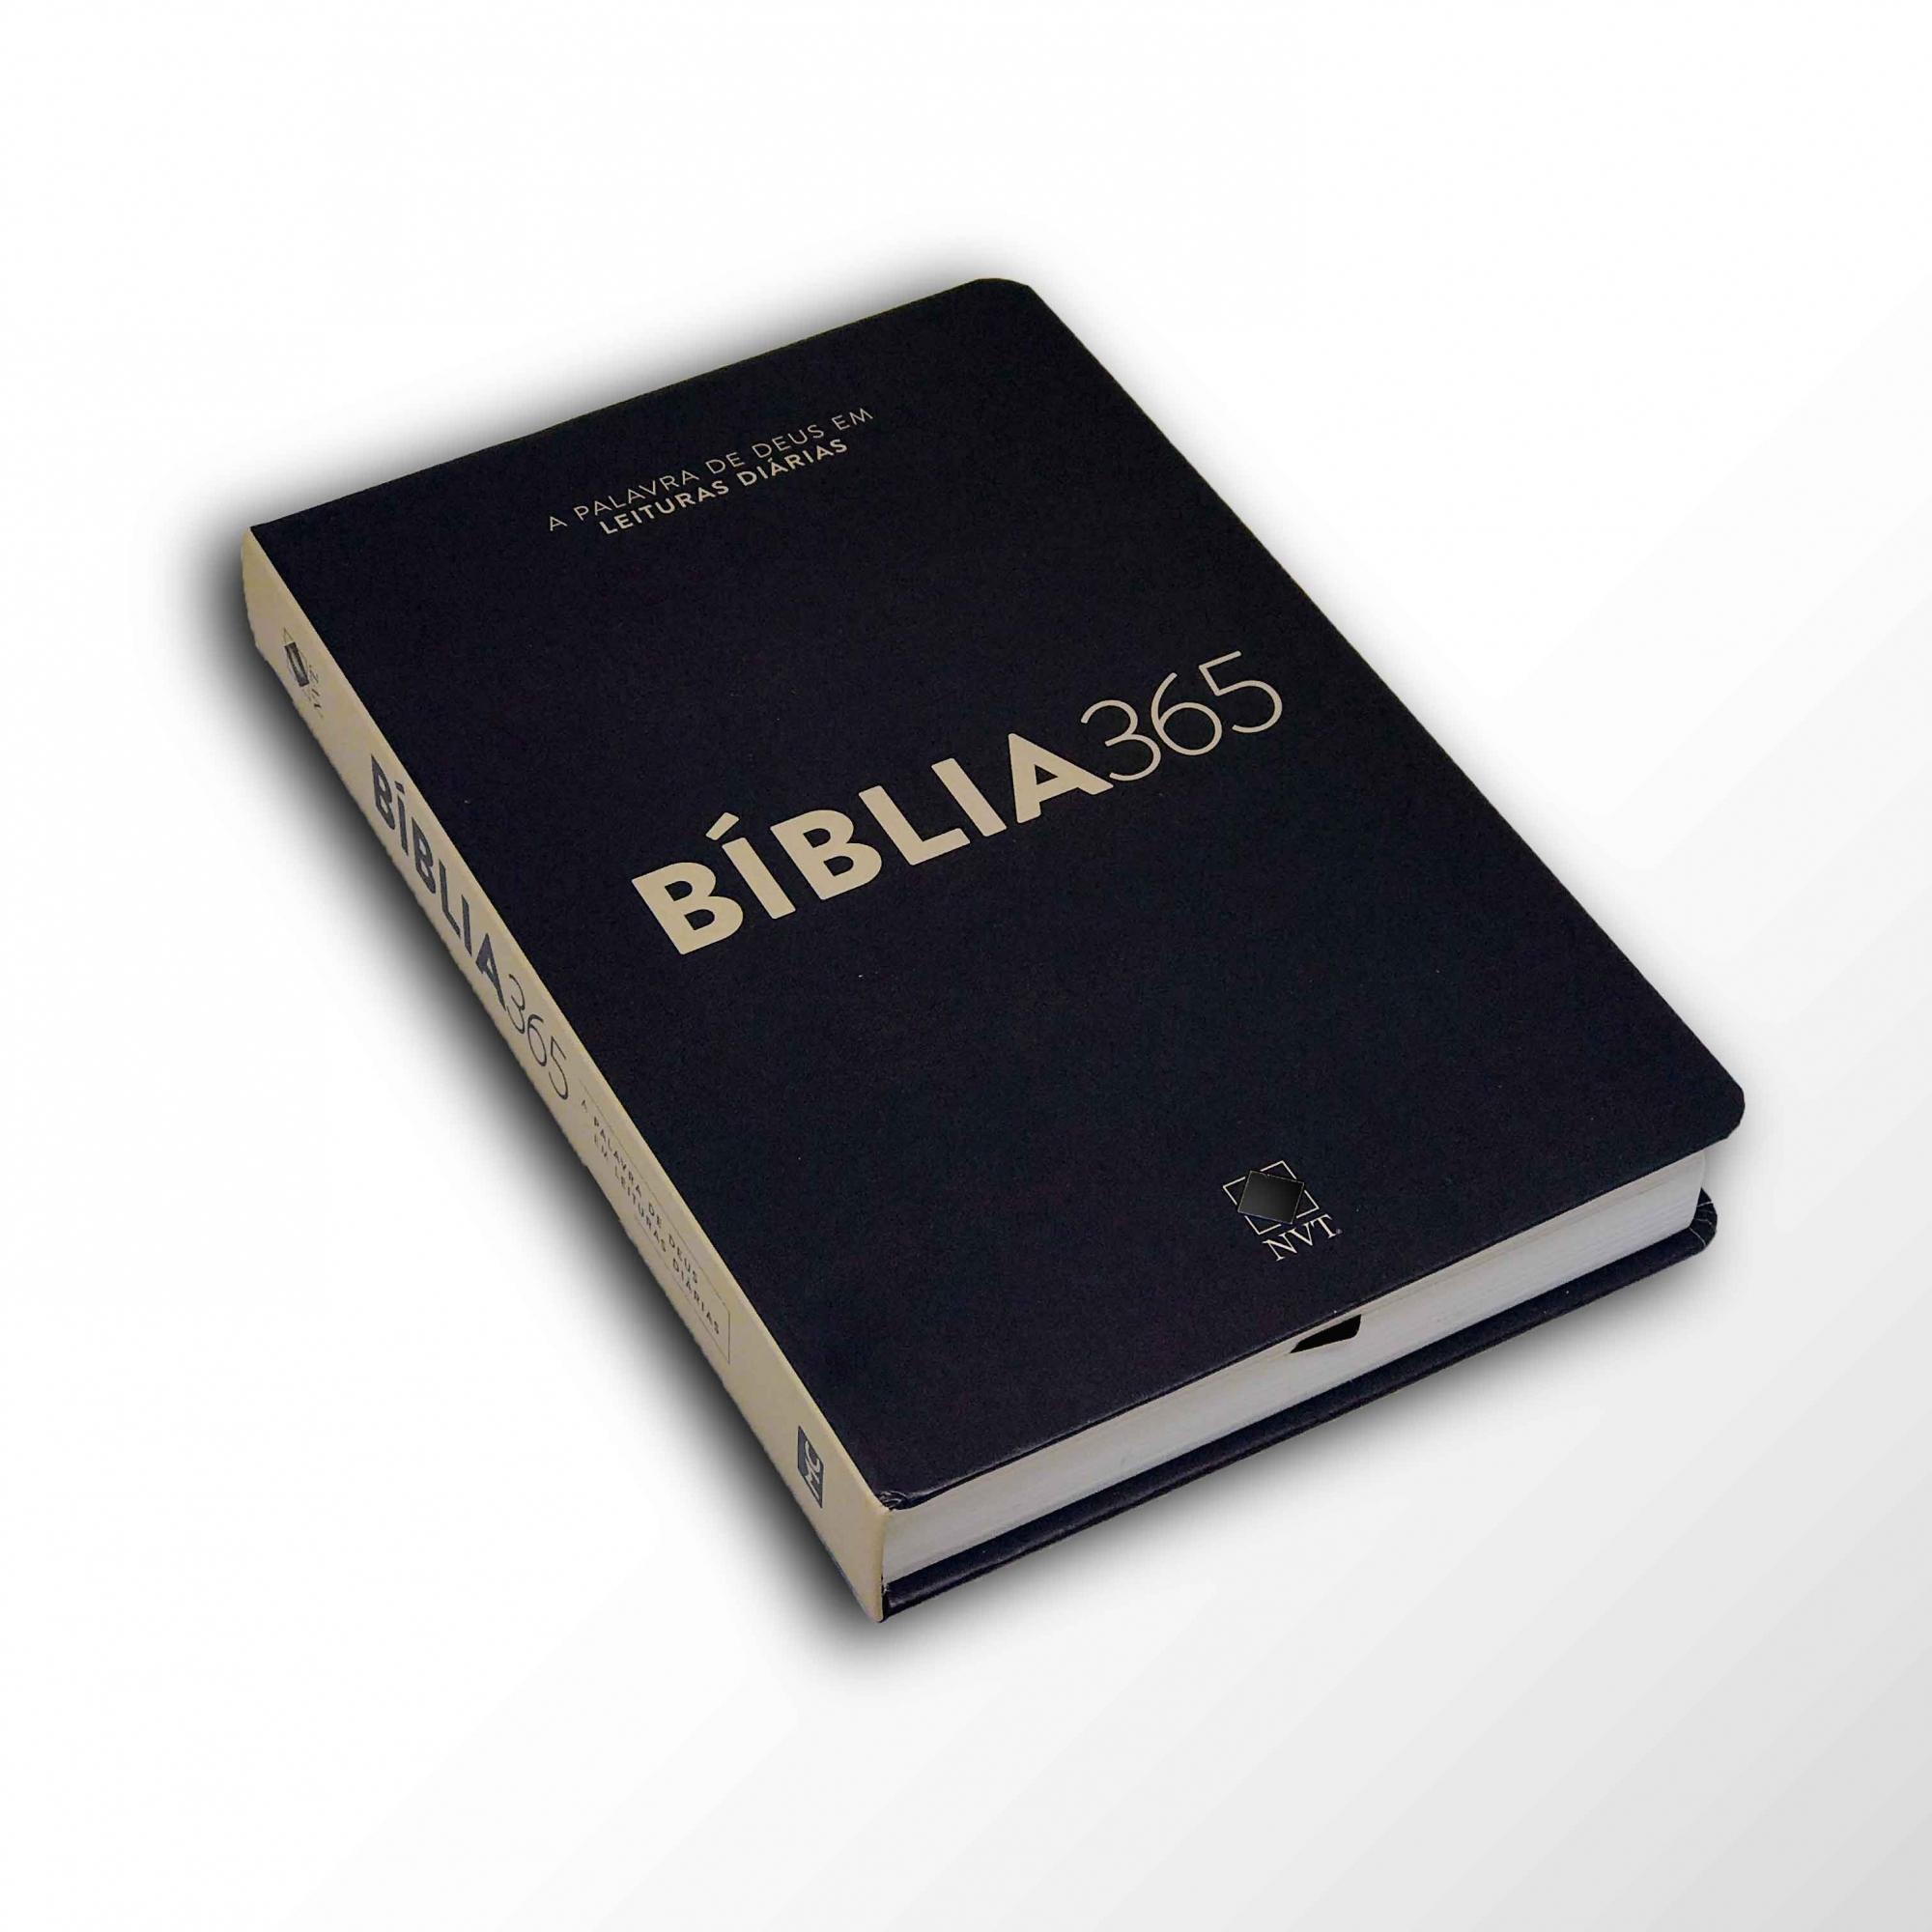 Bíblia 365 NVT - Capa Clássica